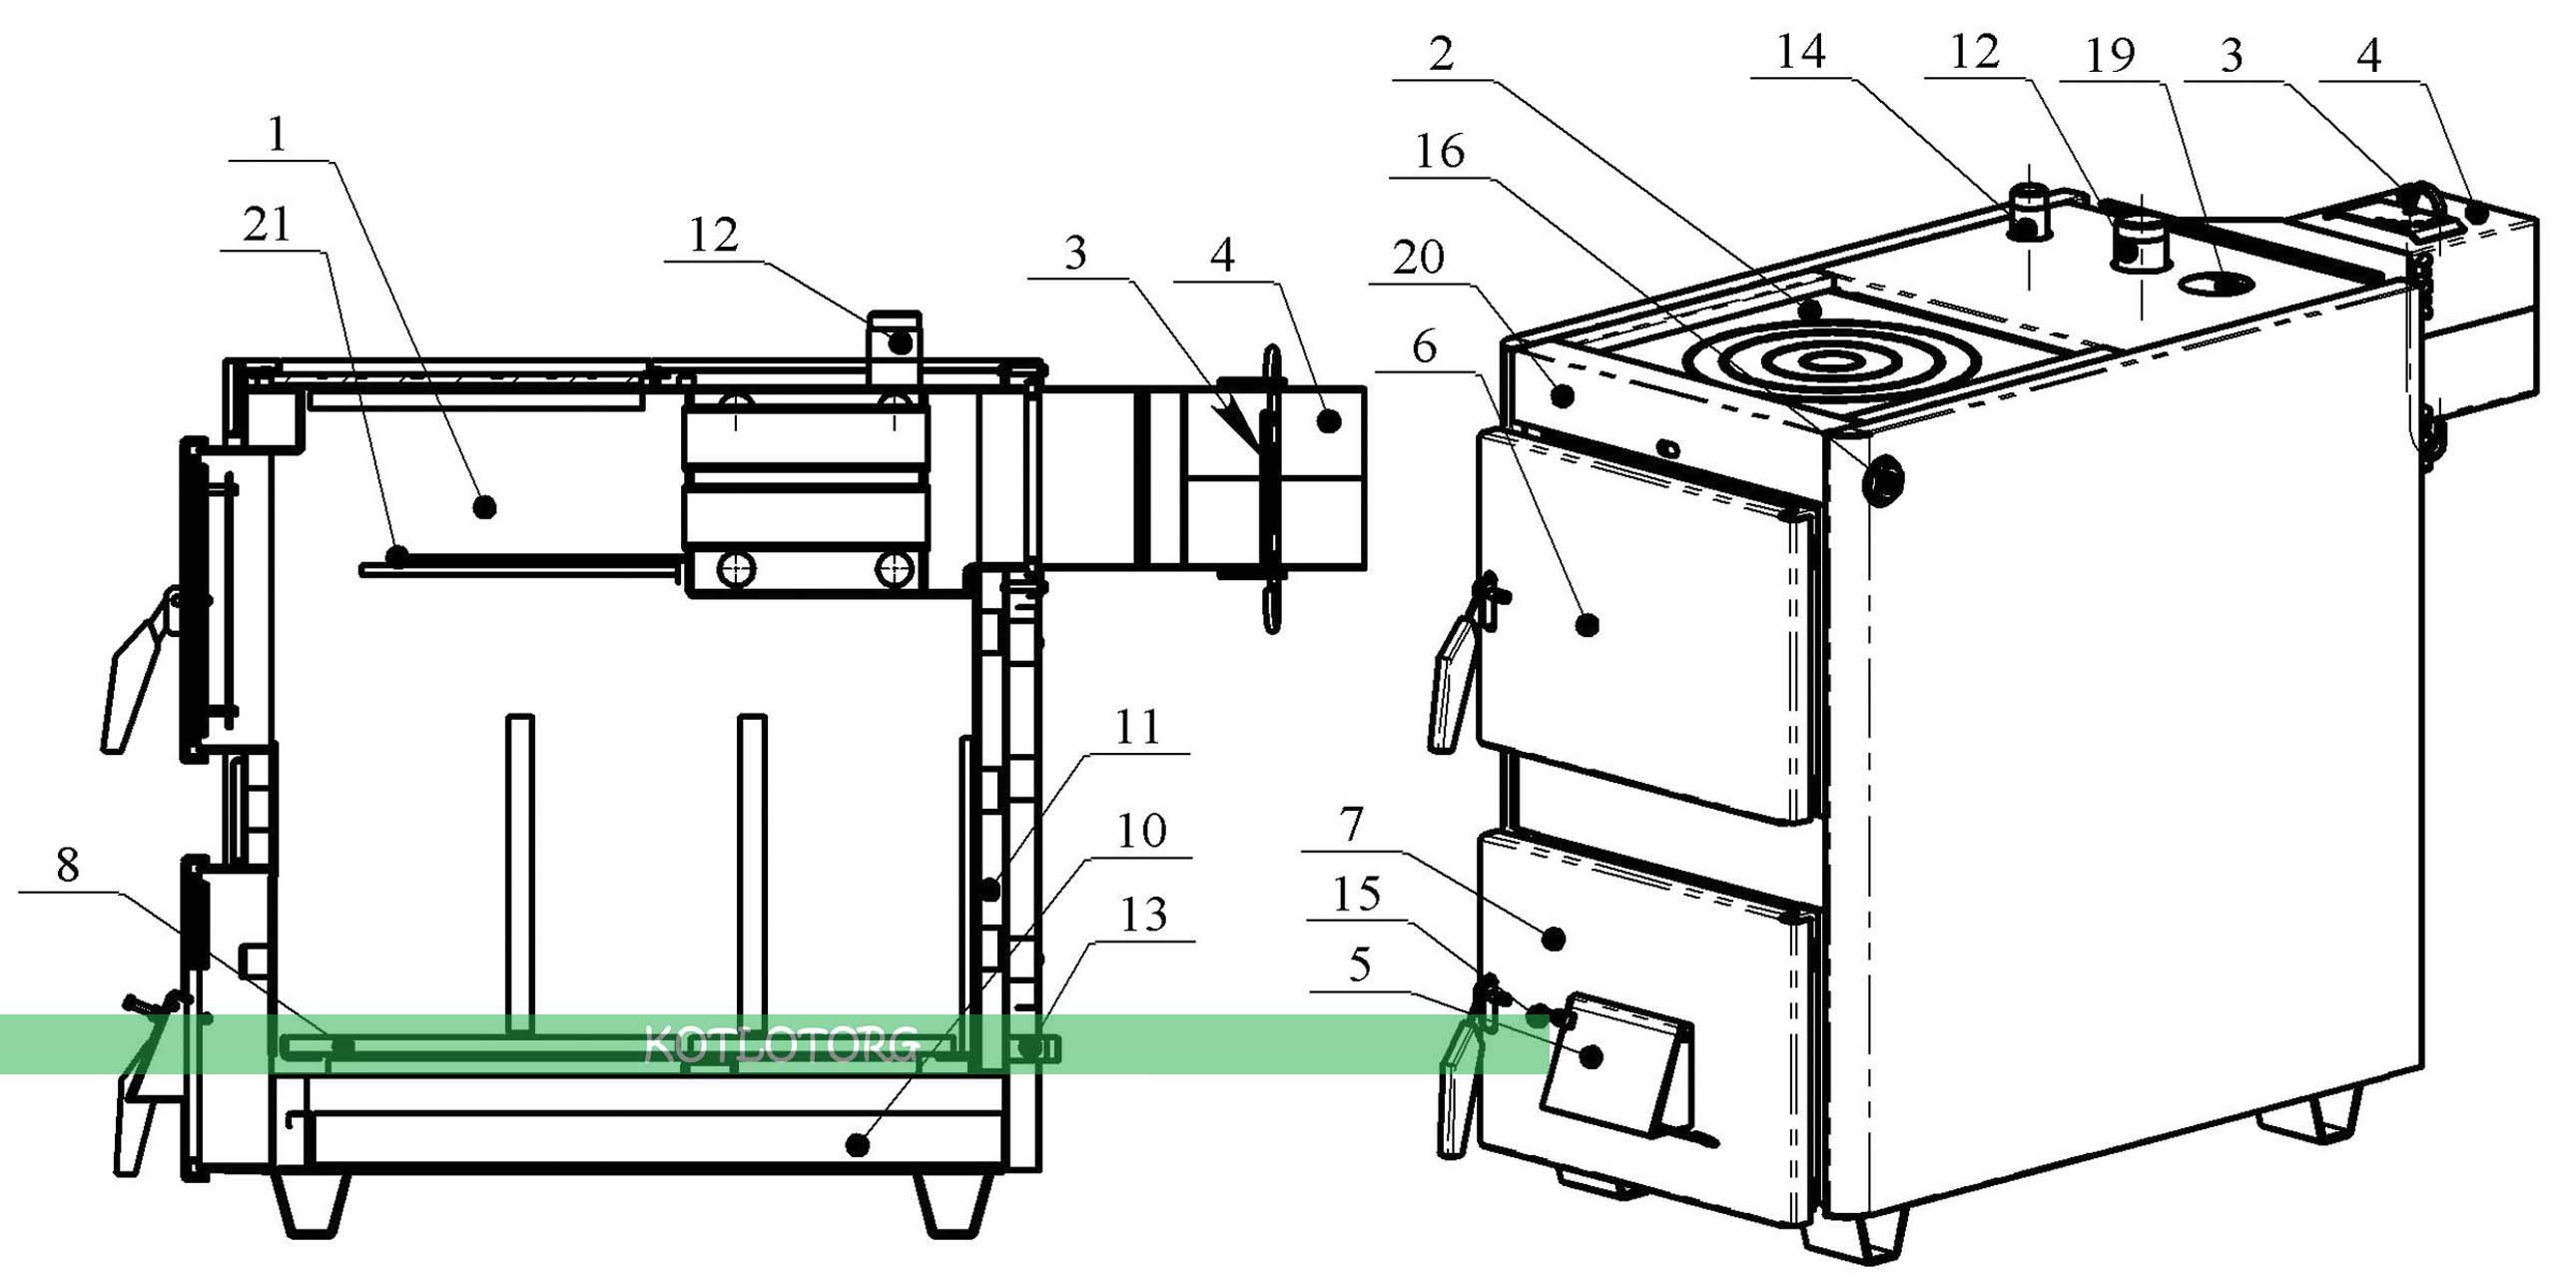 Котел-плита проскуров 18-25 кВт в разрезе